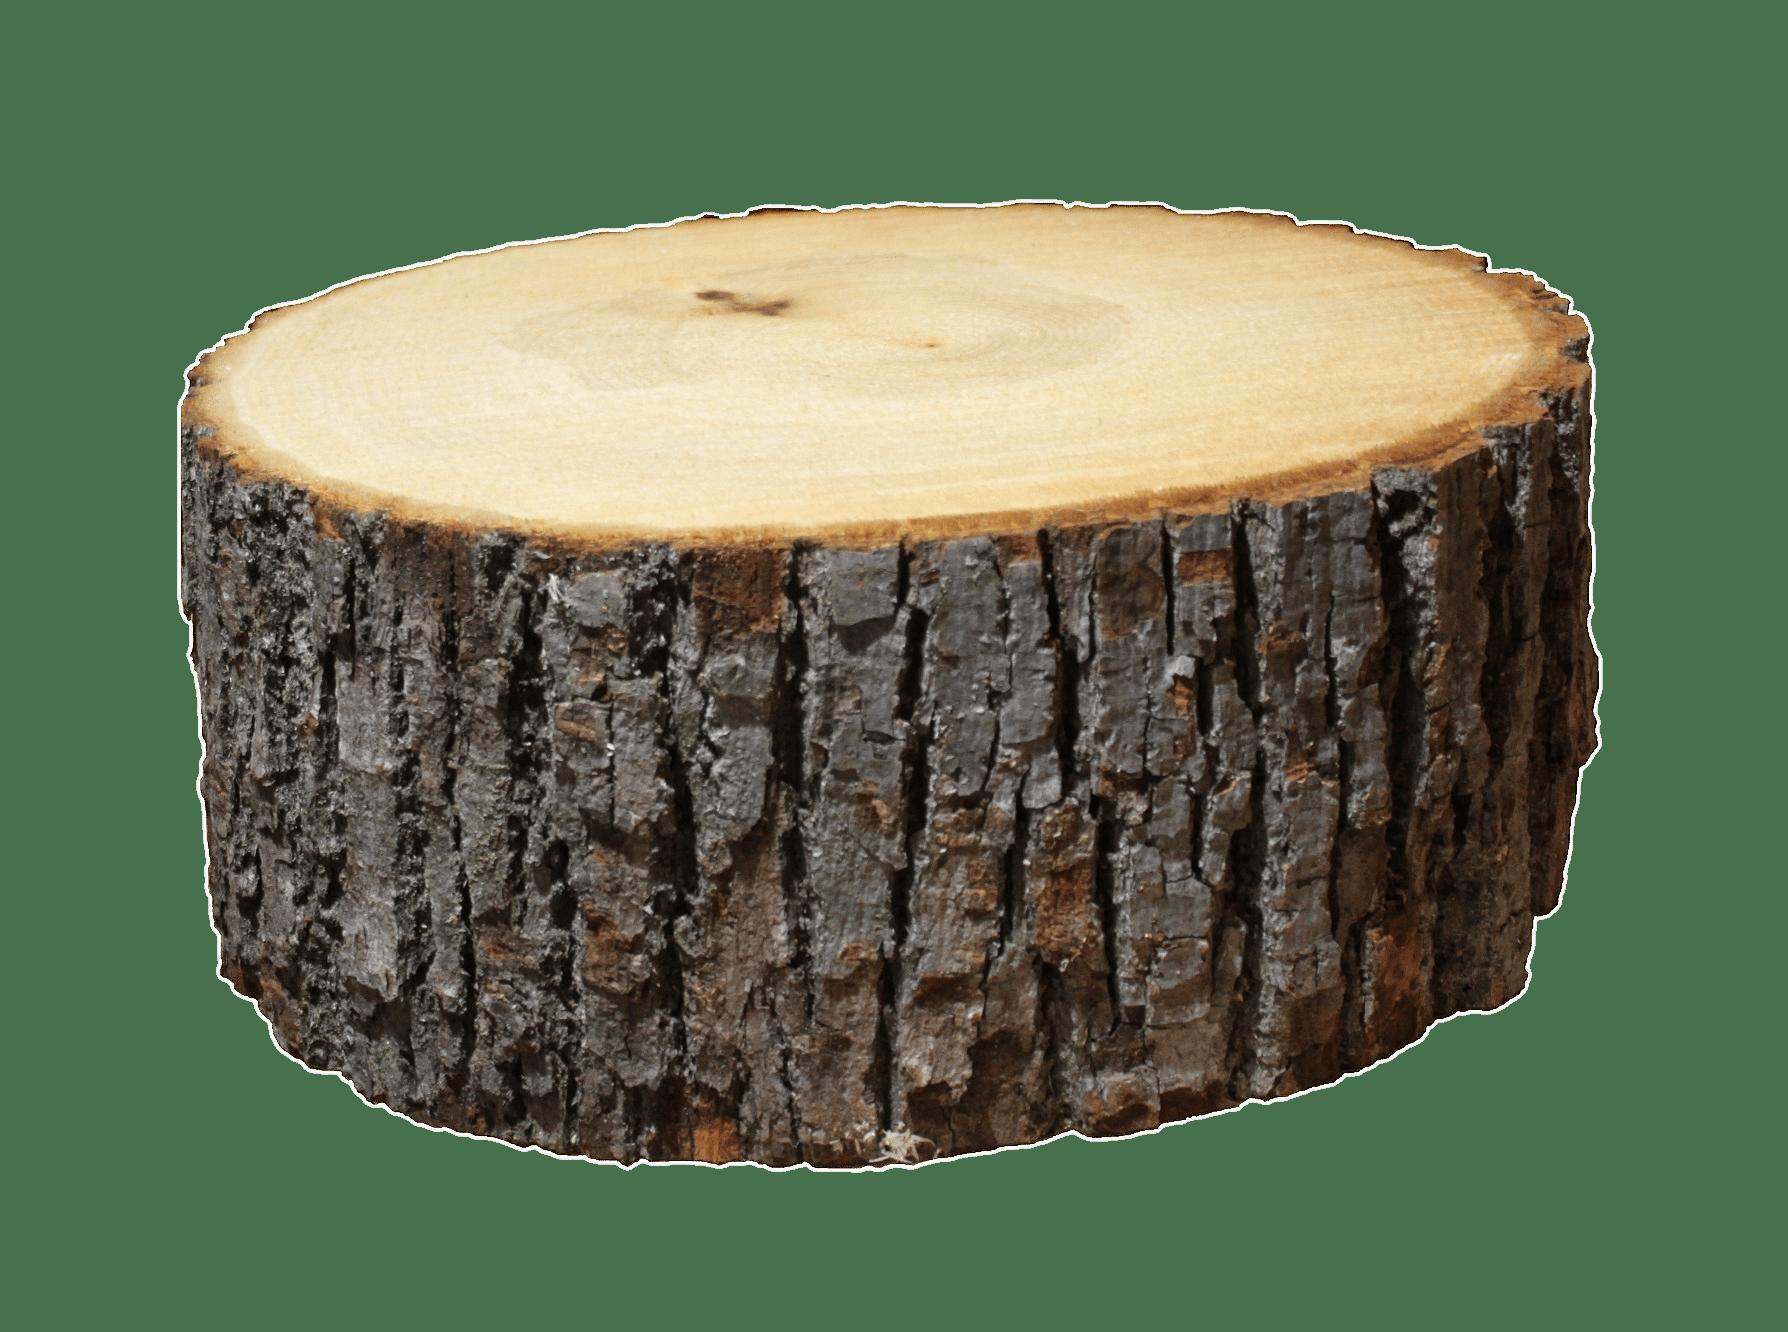 Wood log photo